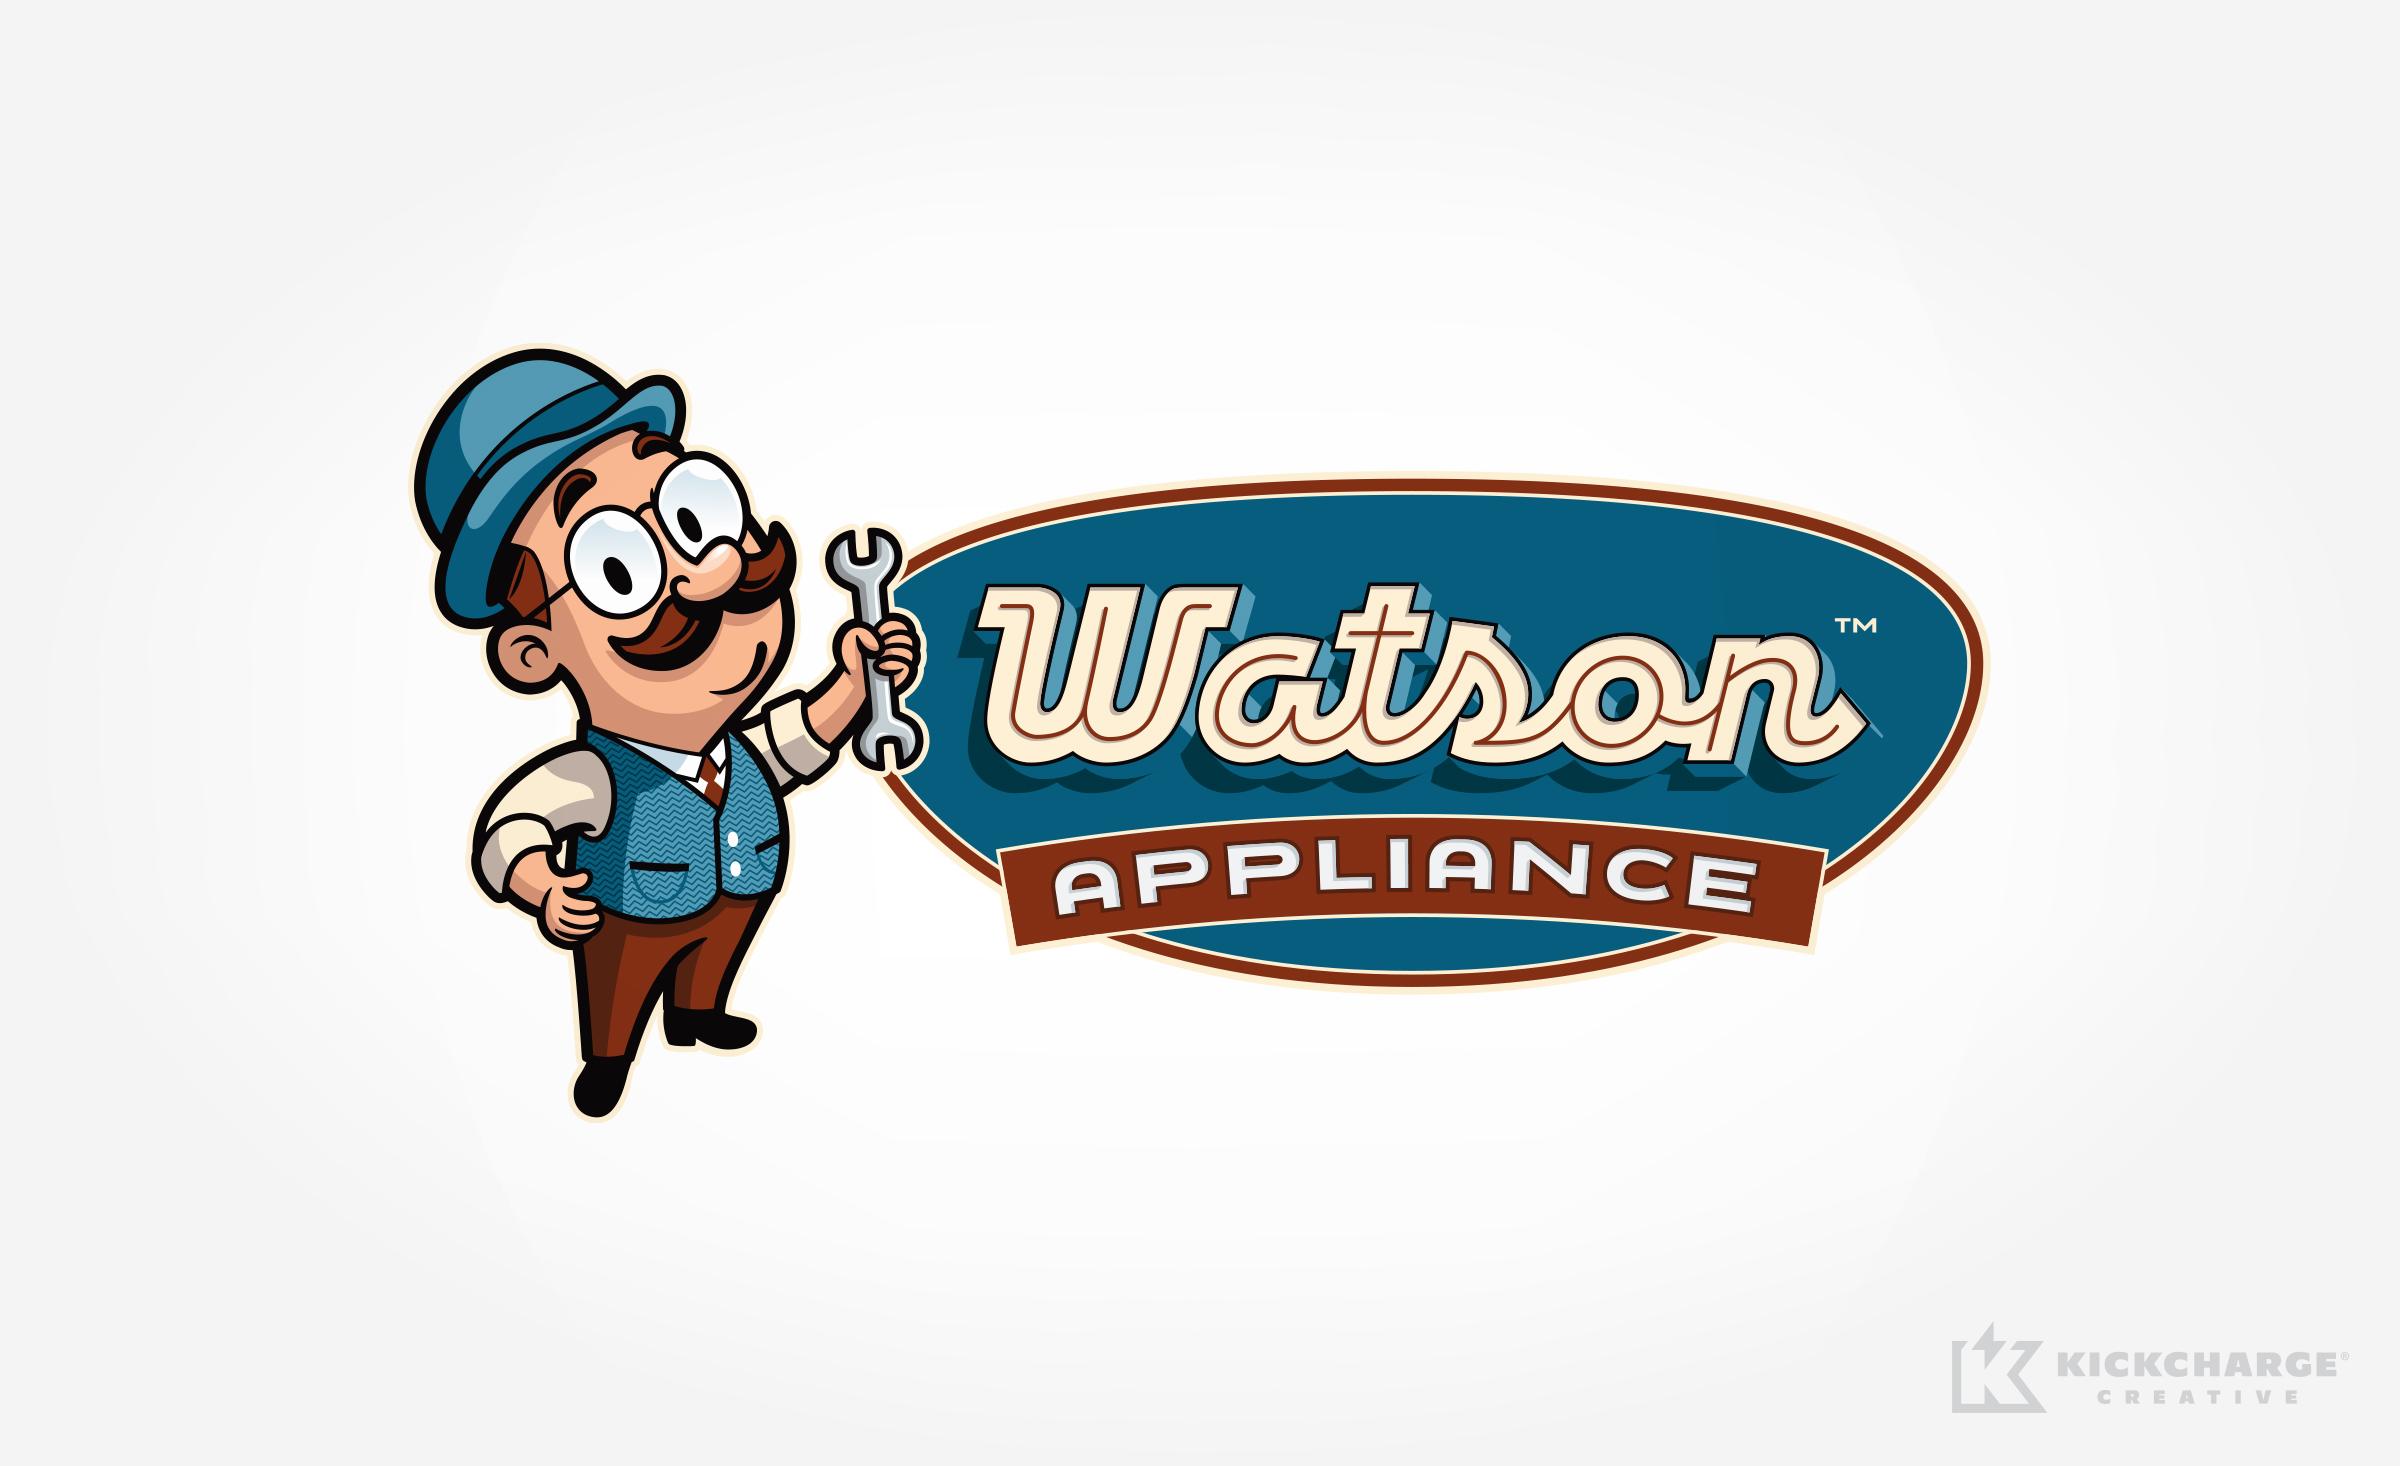 Watson Appliance